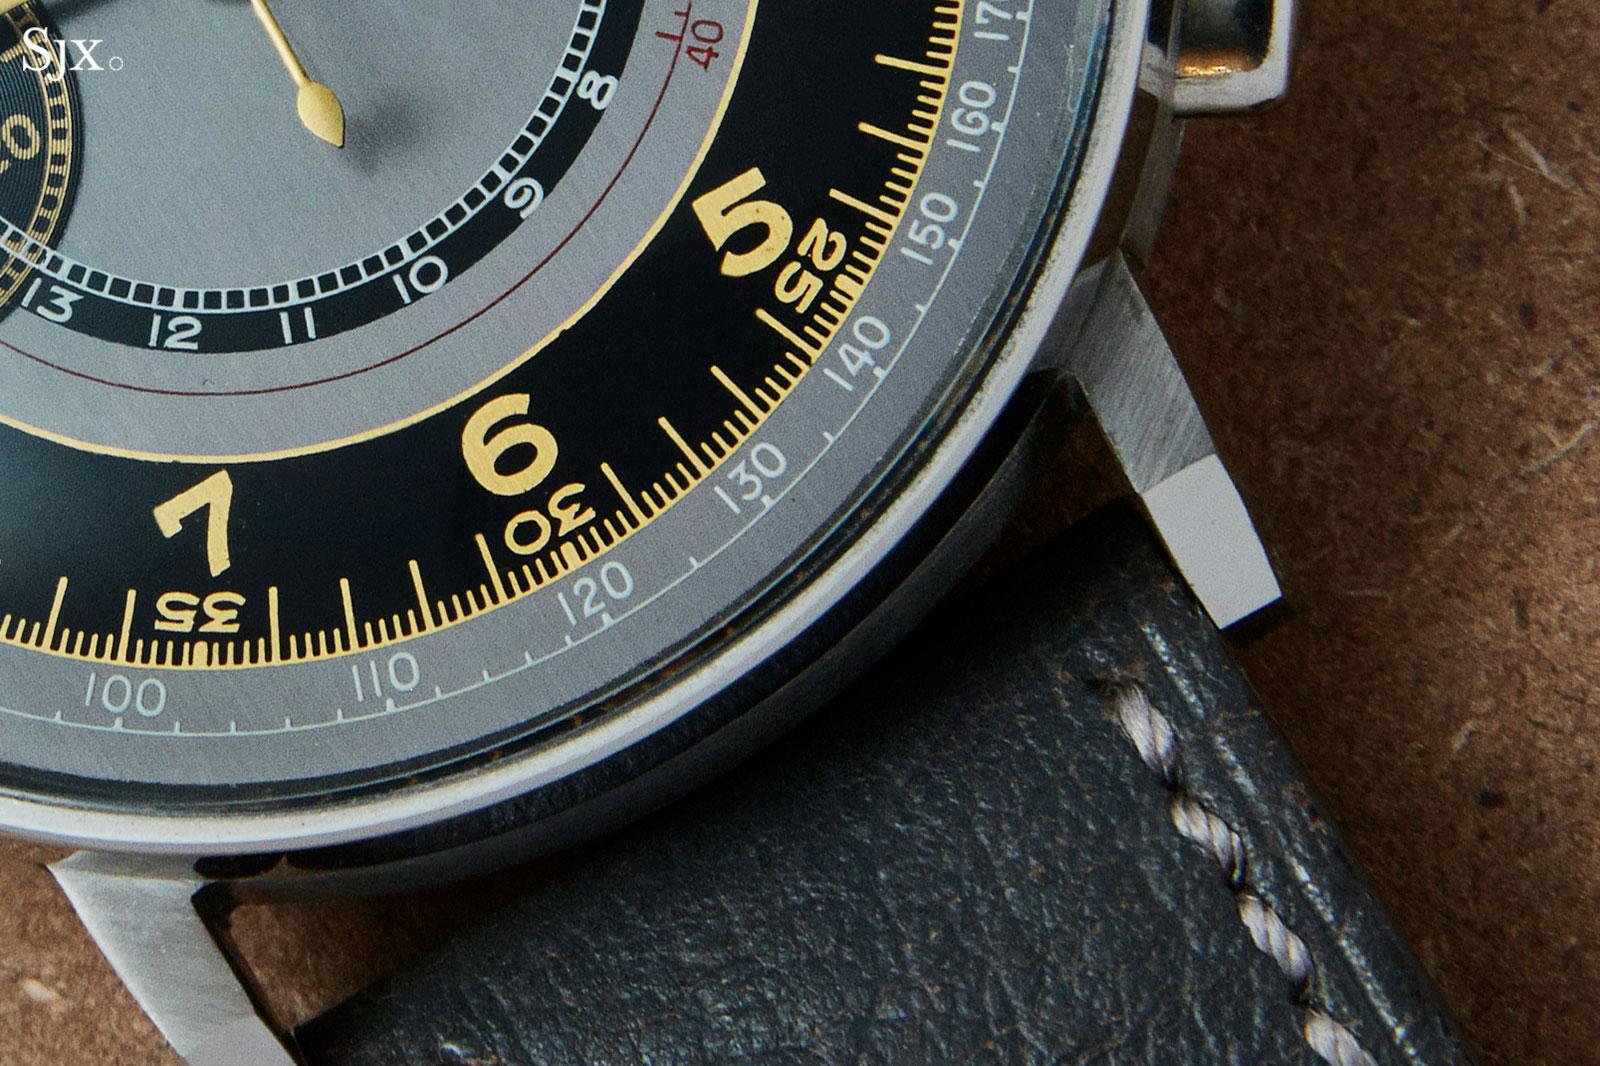 Omega CK2079 chronograph 33.3 1